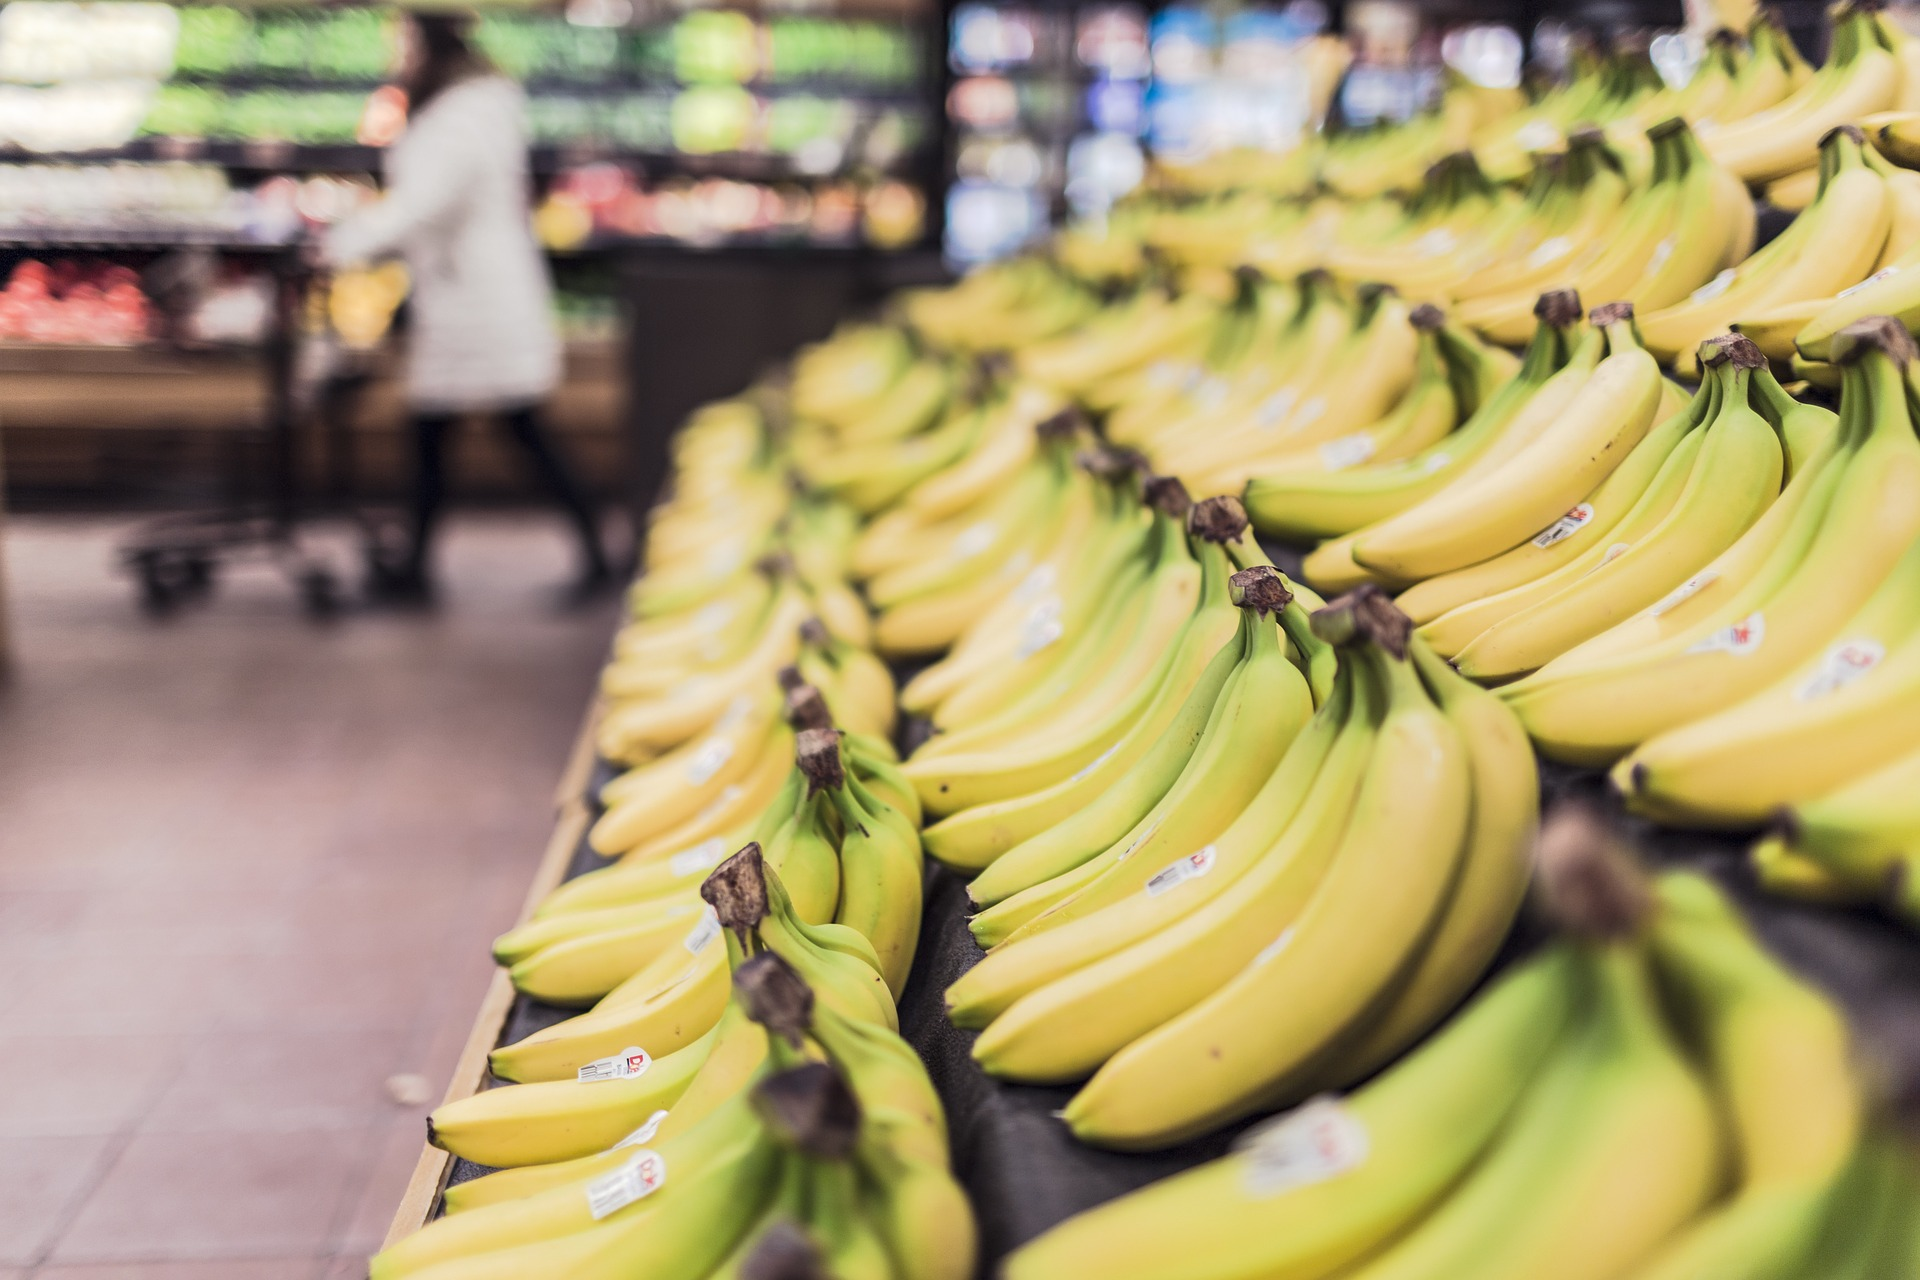 Einkaufen: Bewusst und gesund